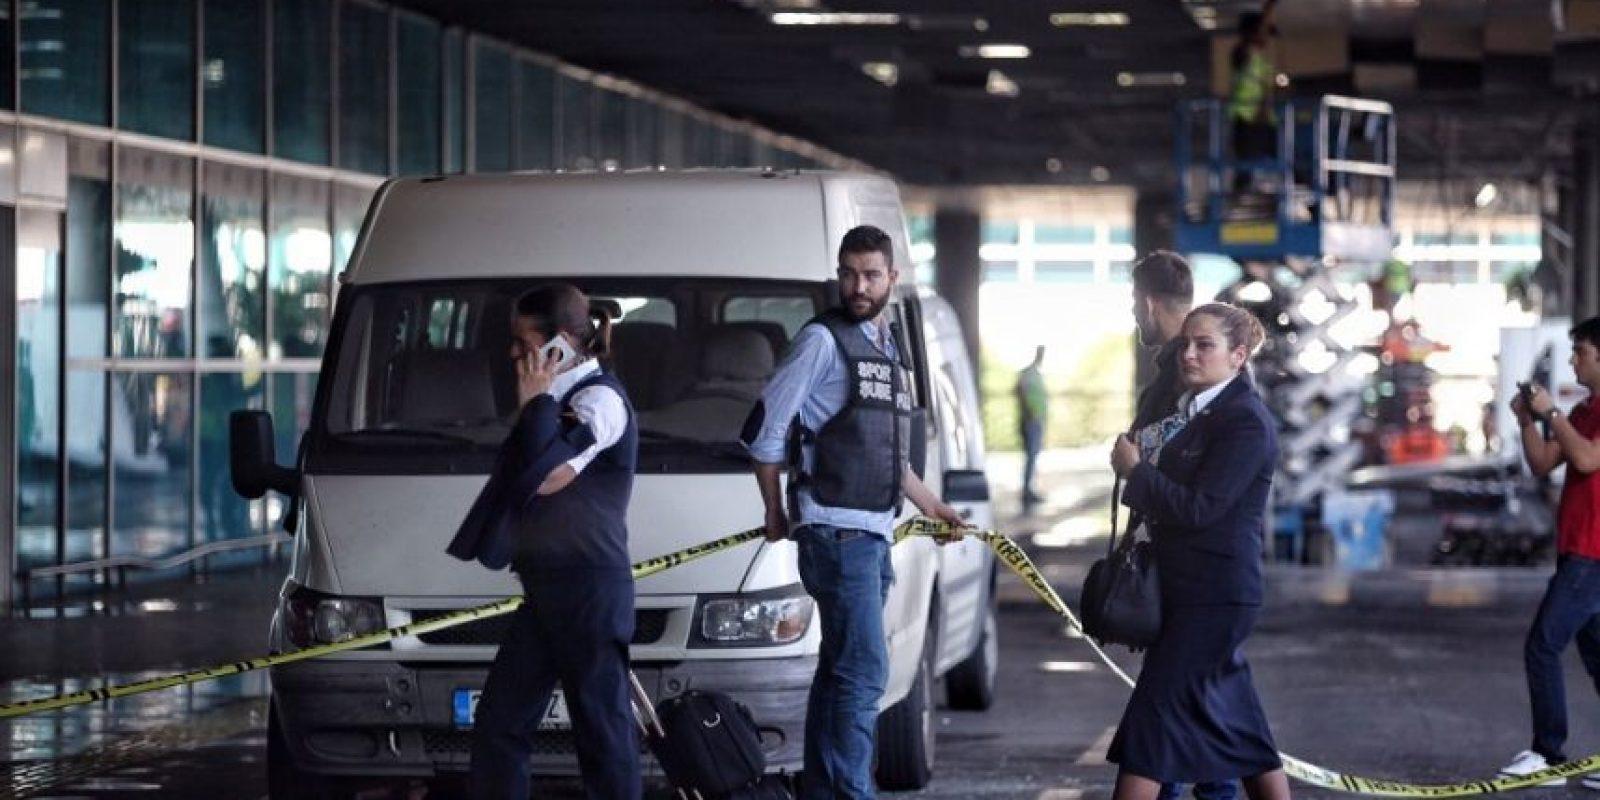 Ls seguridad en los aeropuertos volverá a extremarse tars el atentado del martes en Estambul. Foto:Getty Images